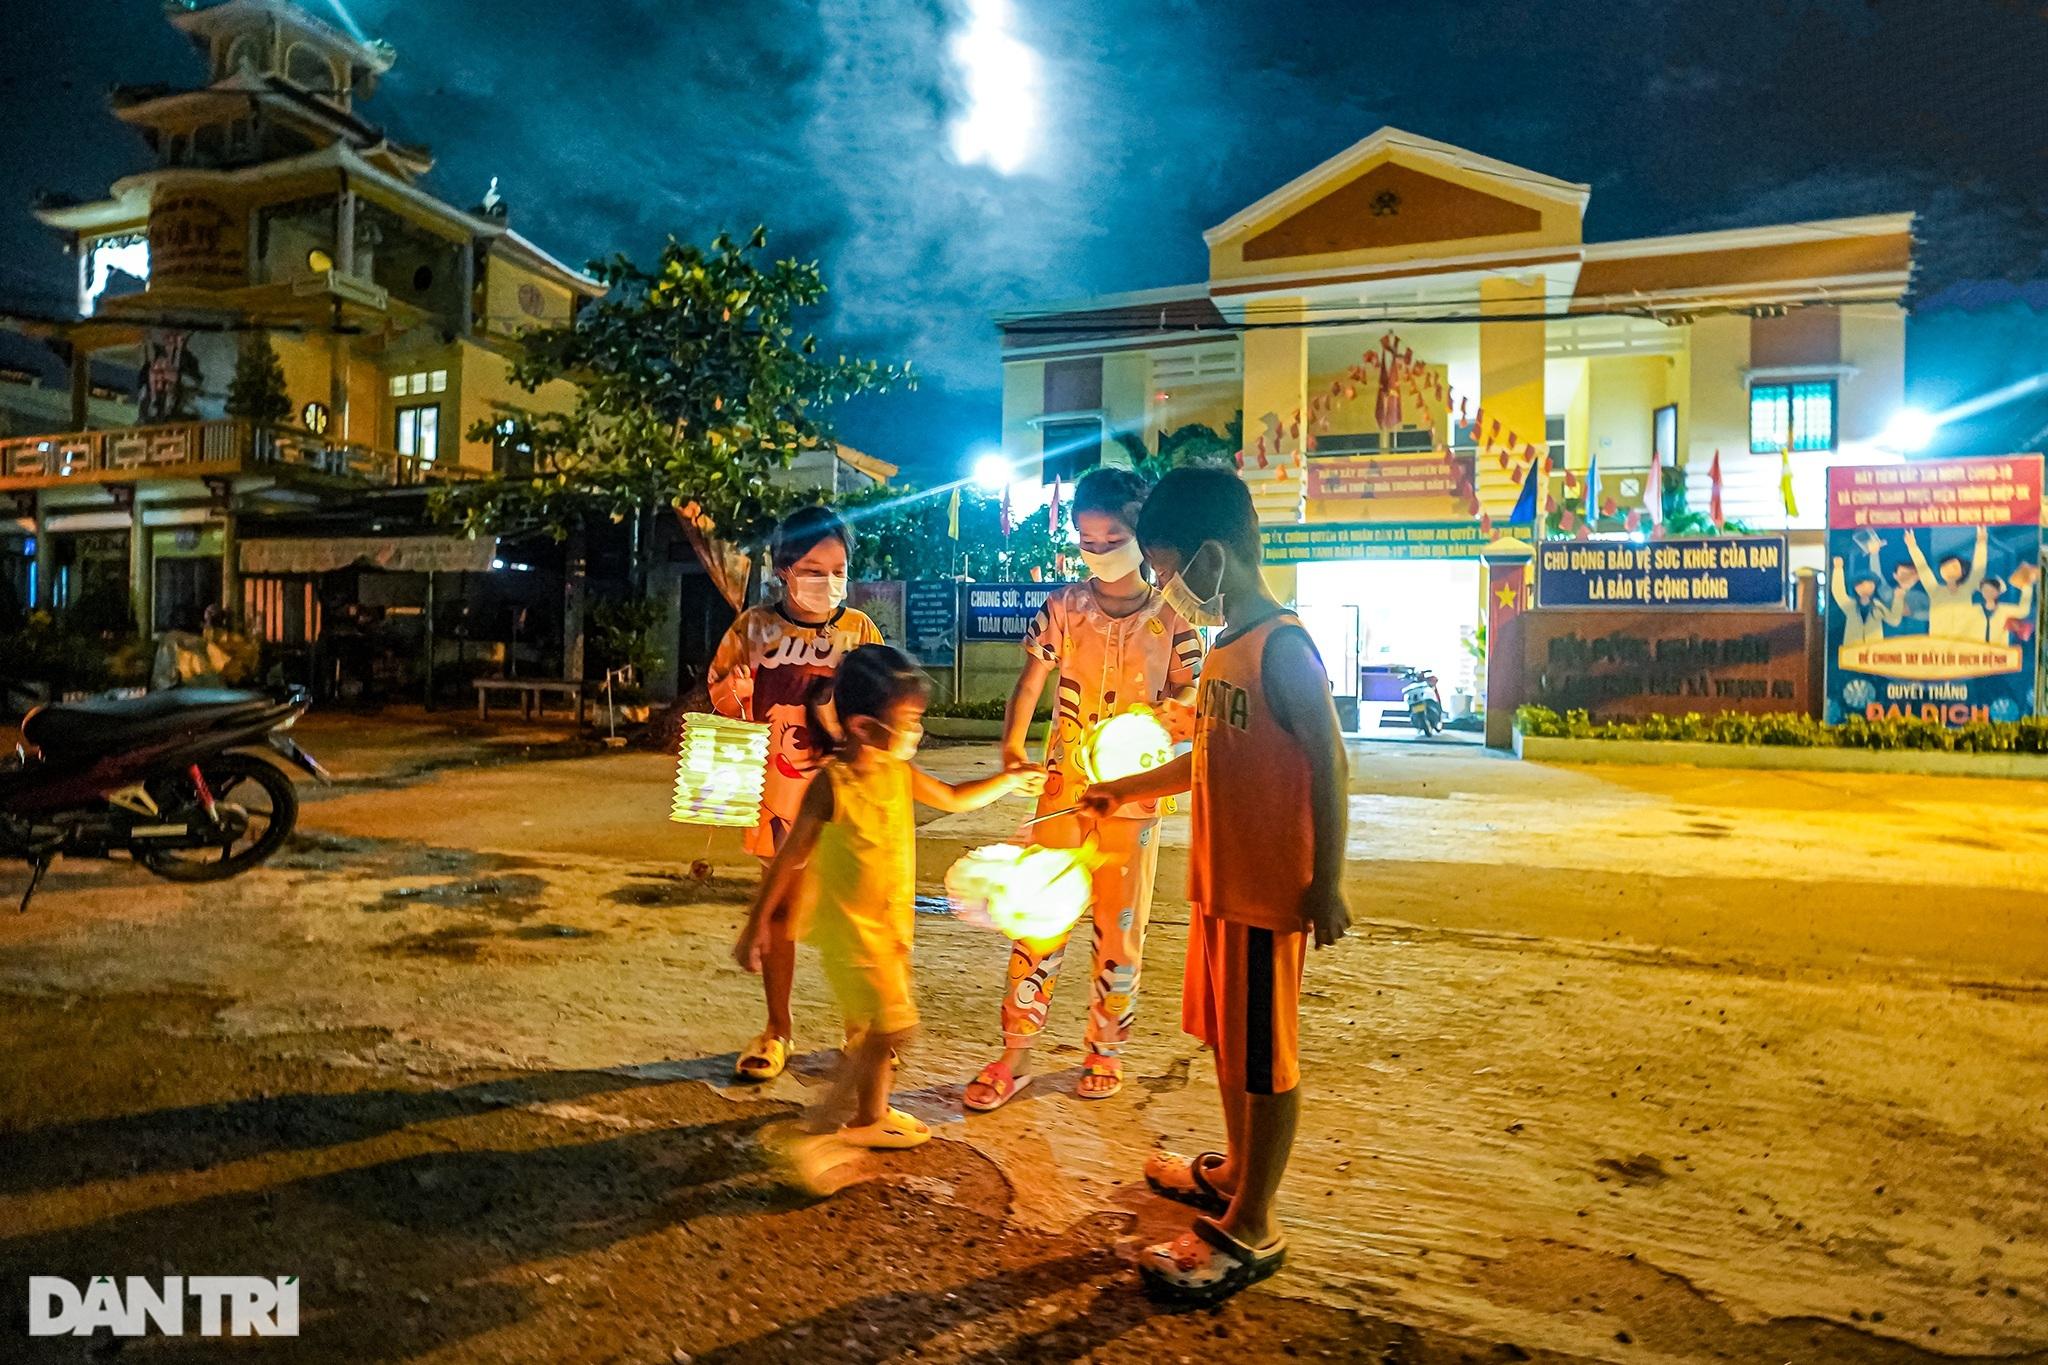 Trẻ em xã đảo vùng xanh ở TPHCM chơi lồng đèn làm bằng vỏ lon, hộp sữa - 1